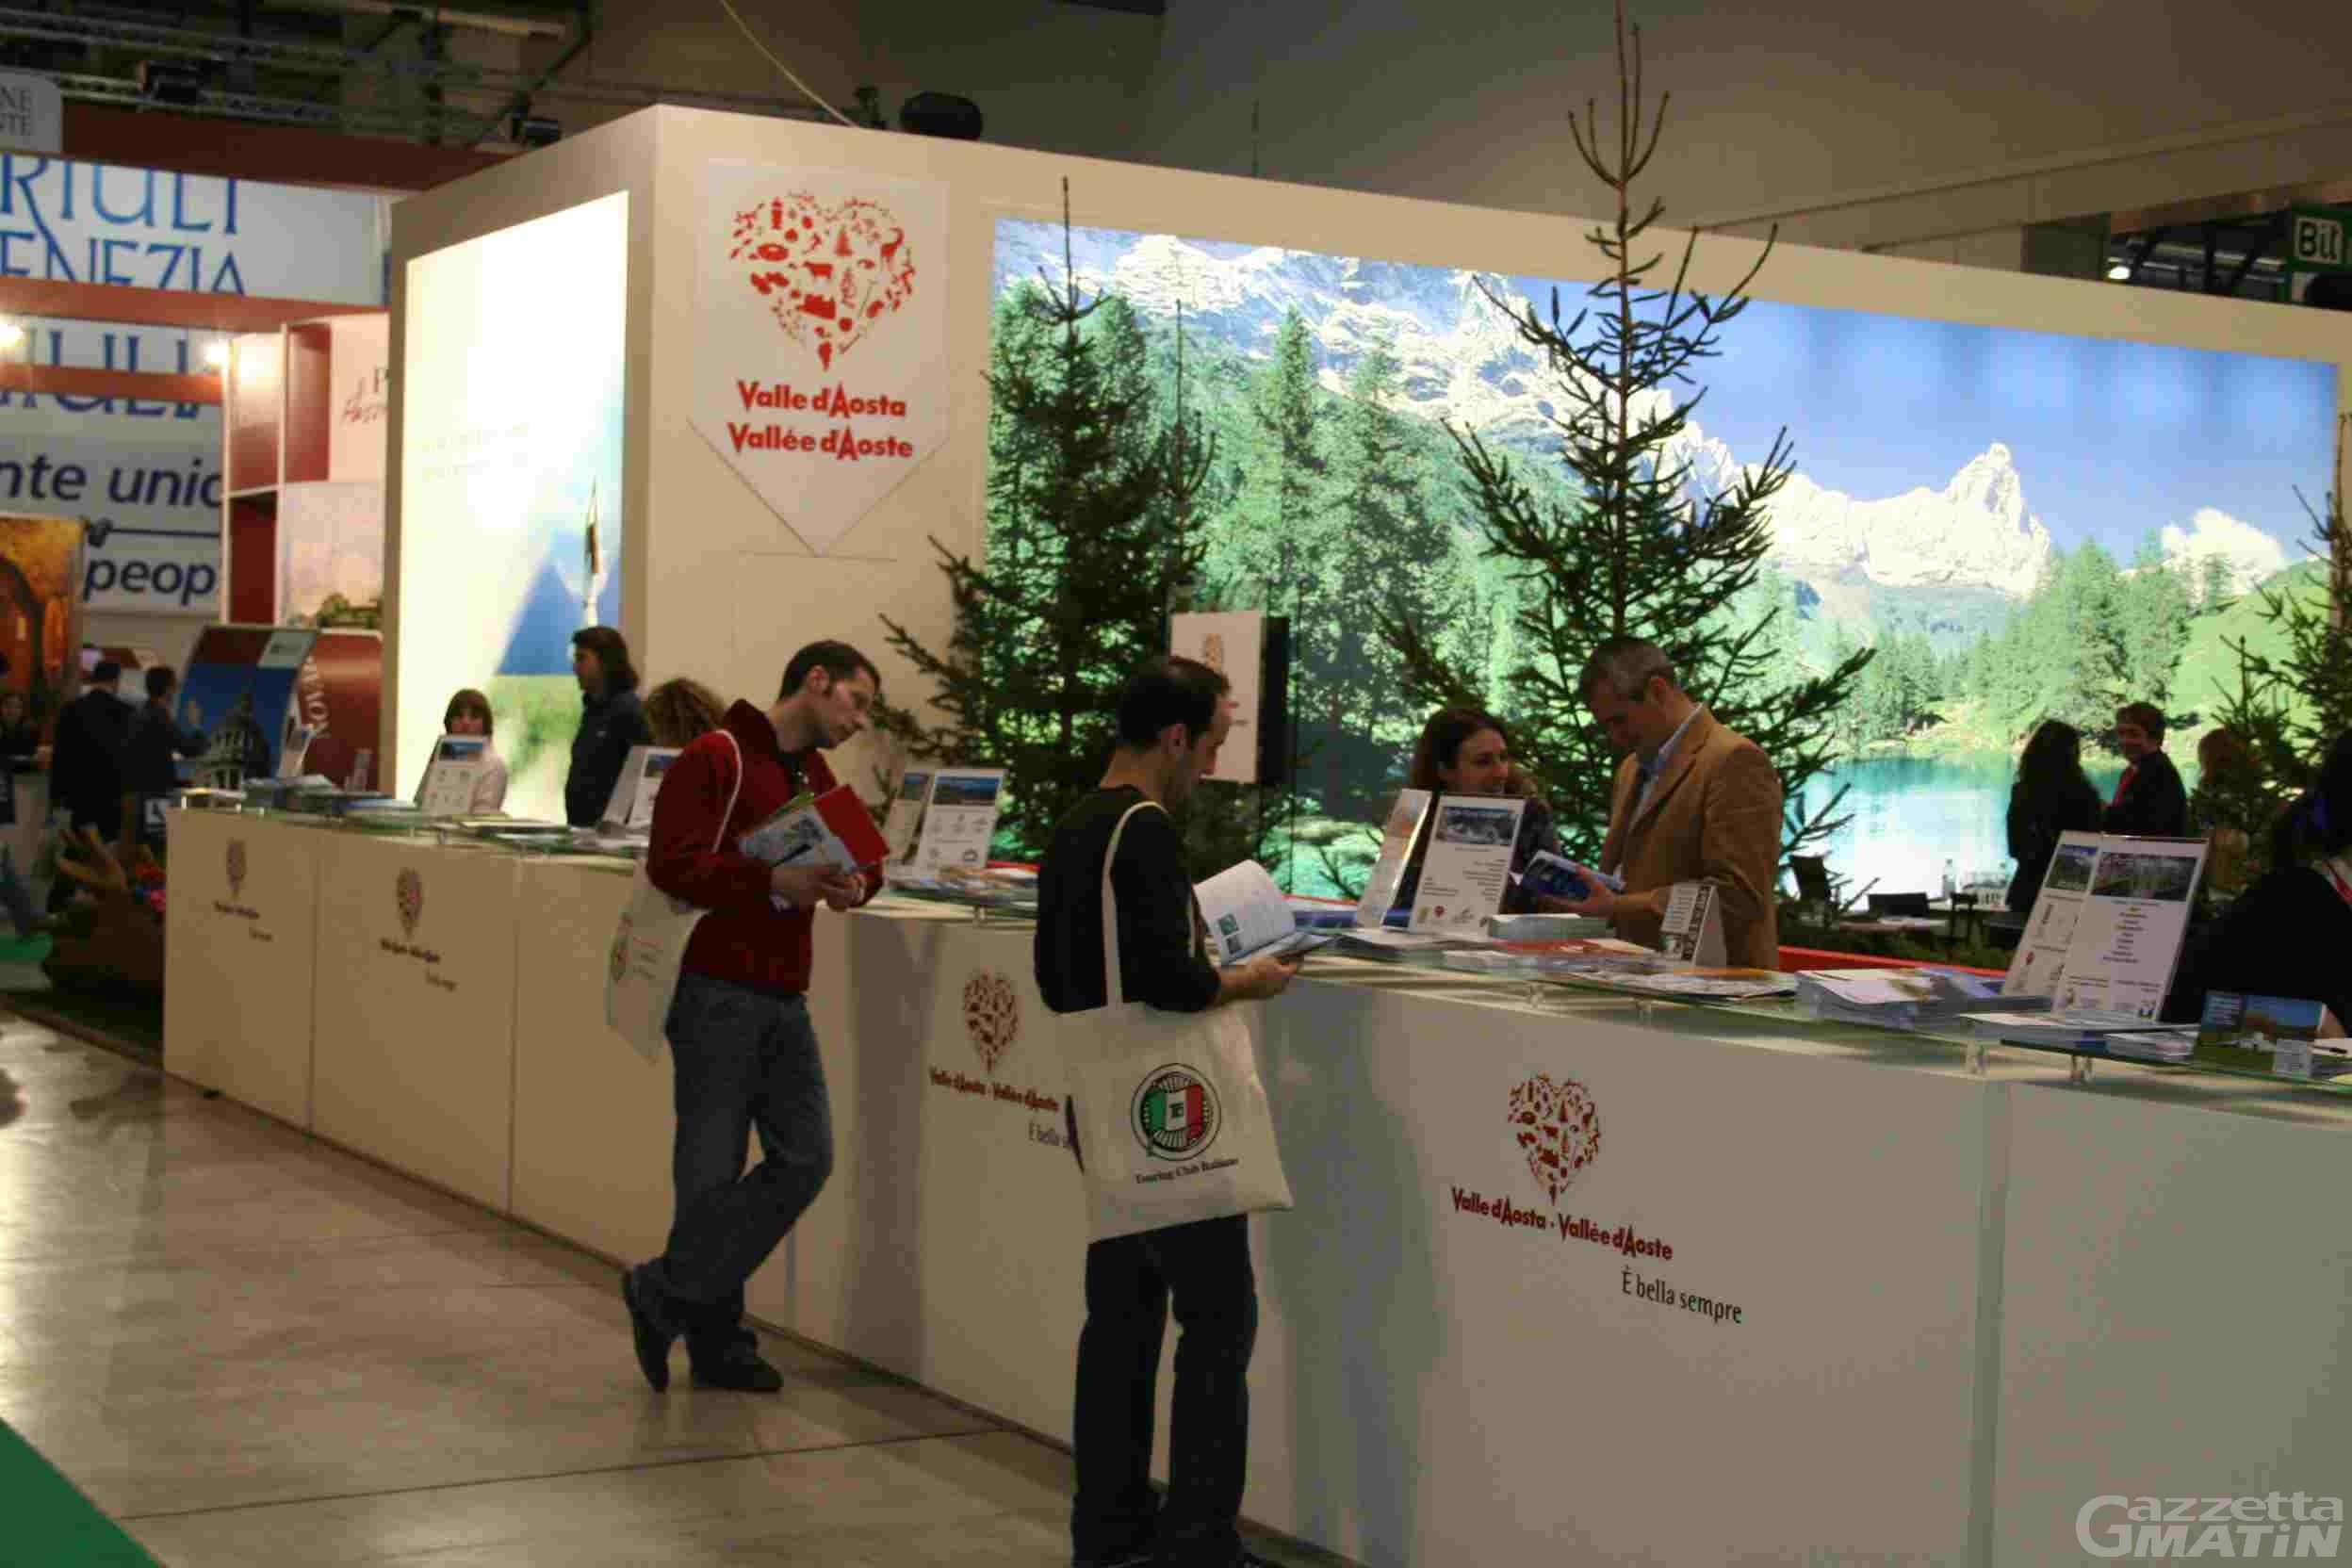 Borsa del turismo troppo costosa, la Valle d'Aosta rinuncia e guarda a Rimini